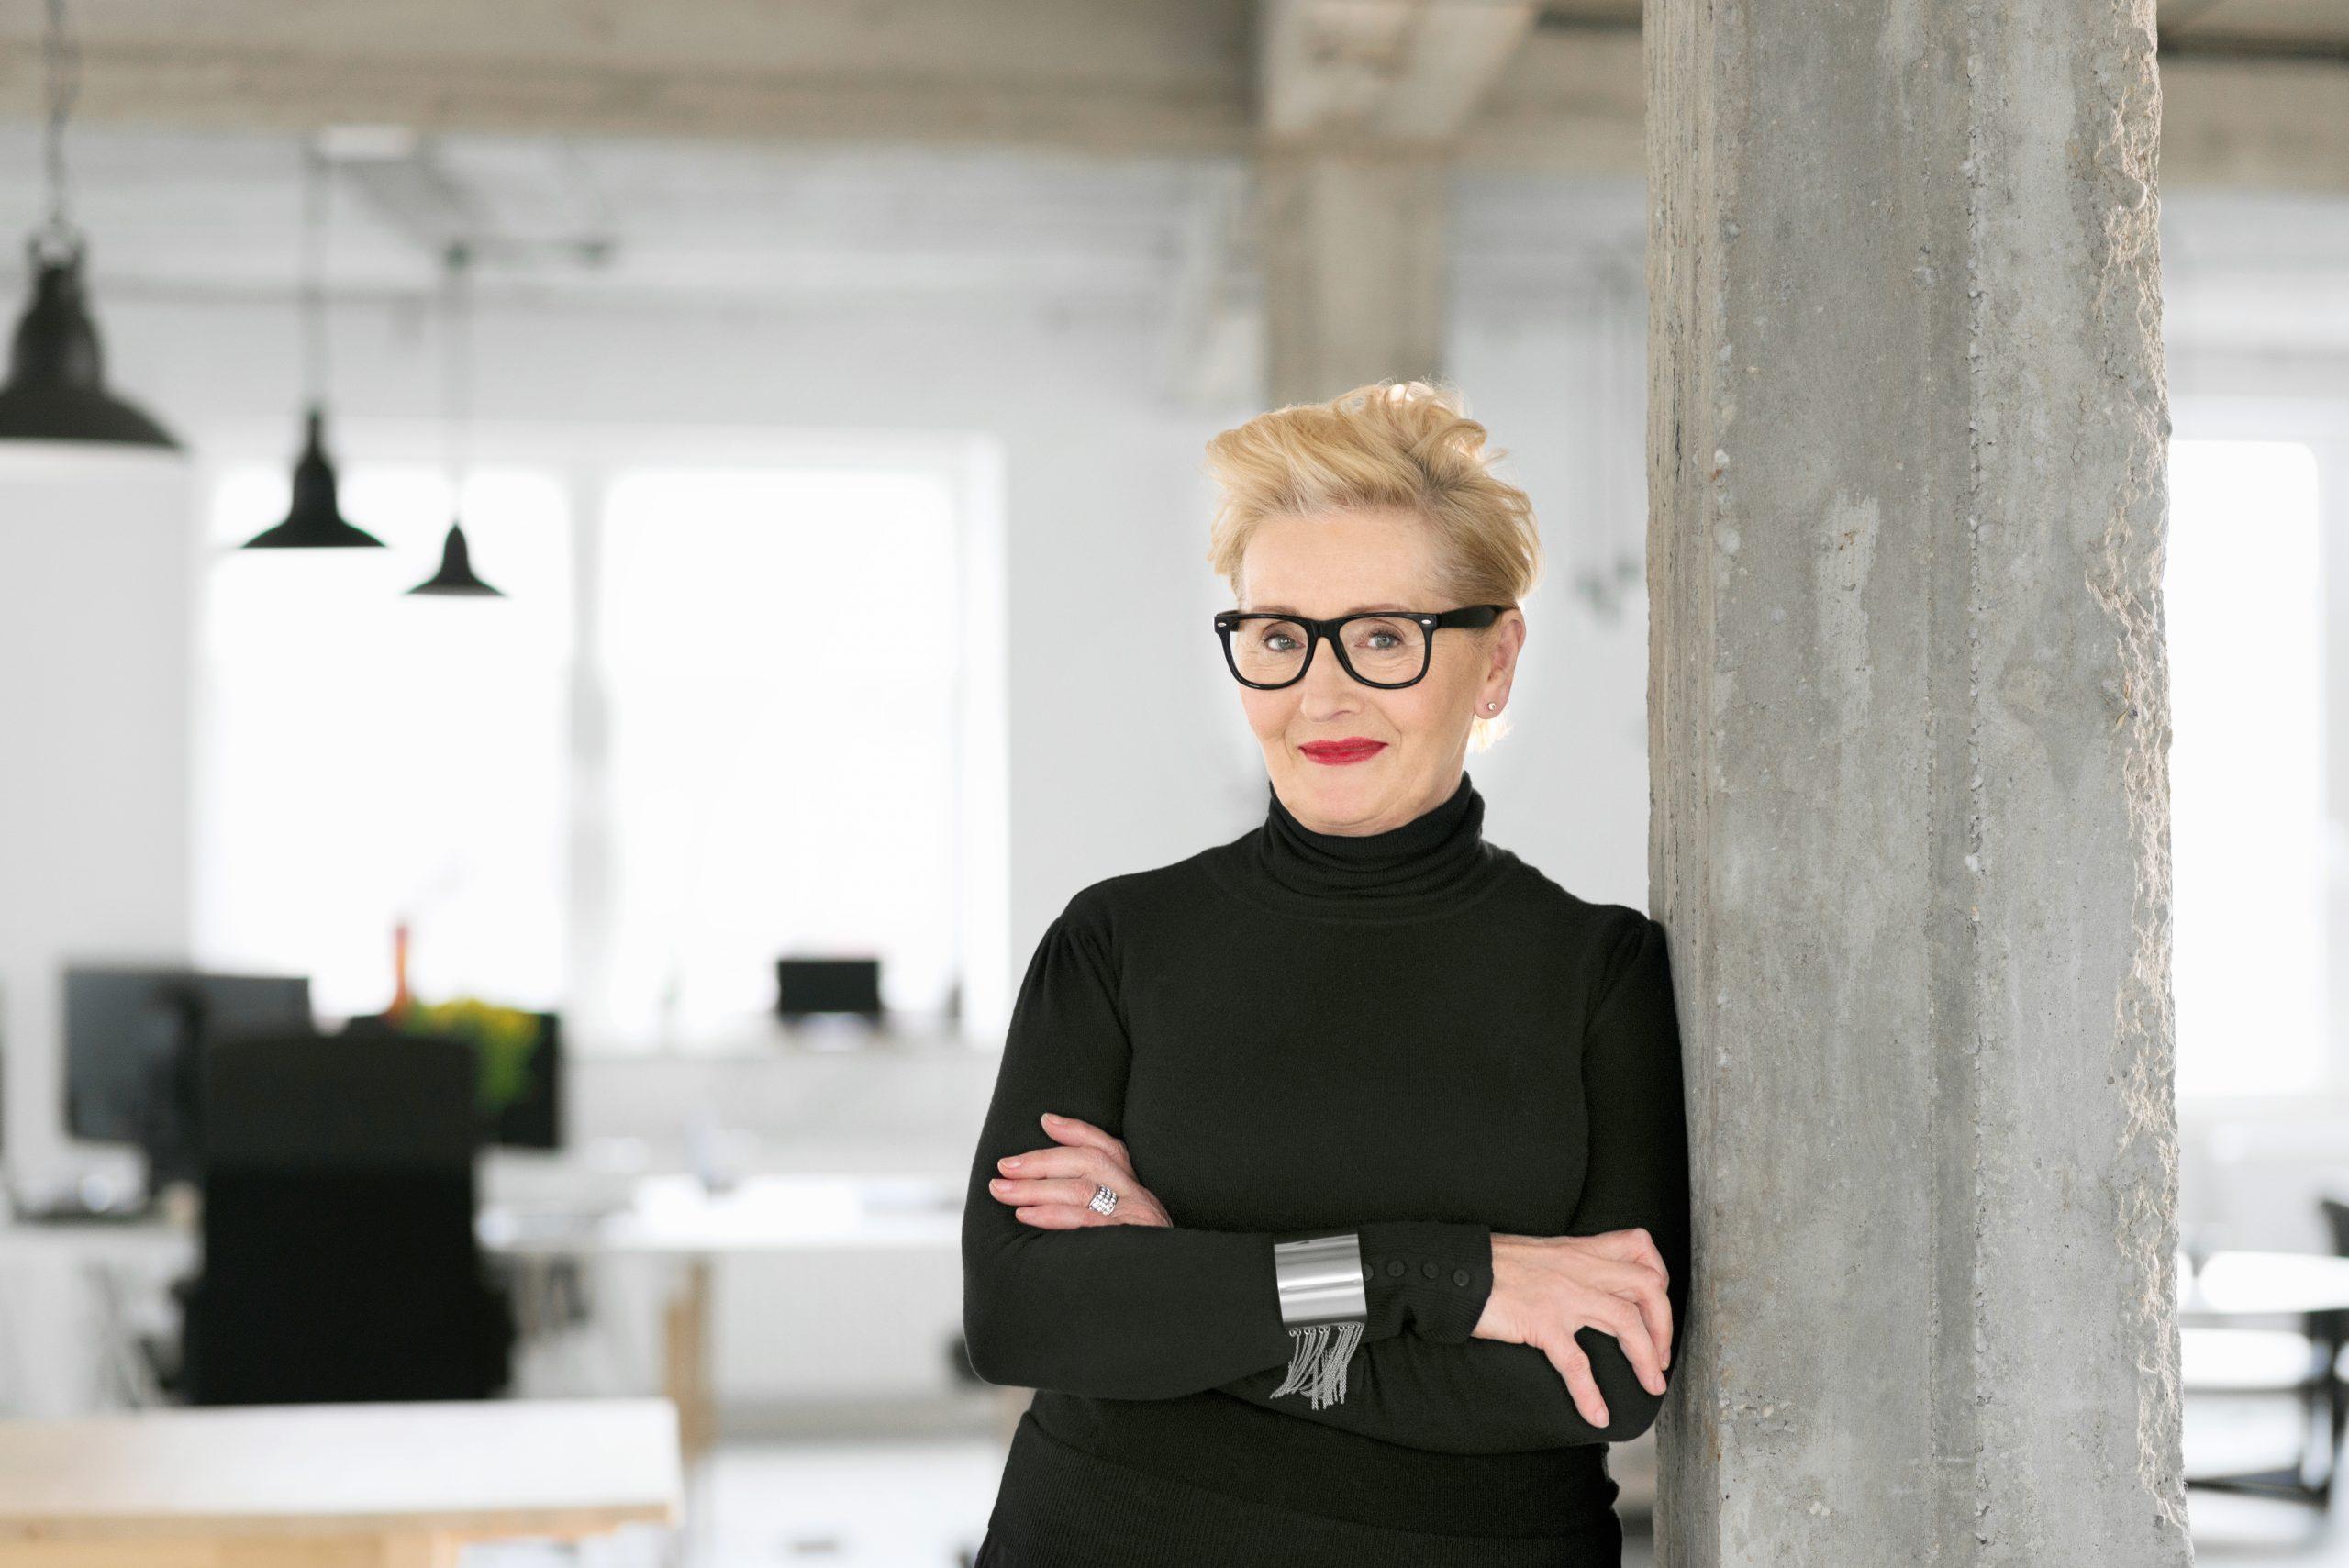 Female entrepreneurs lasting longer in business than male entrepreneurs